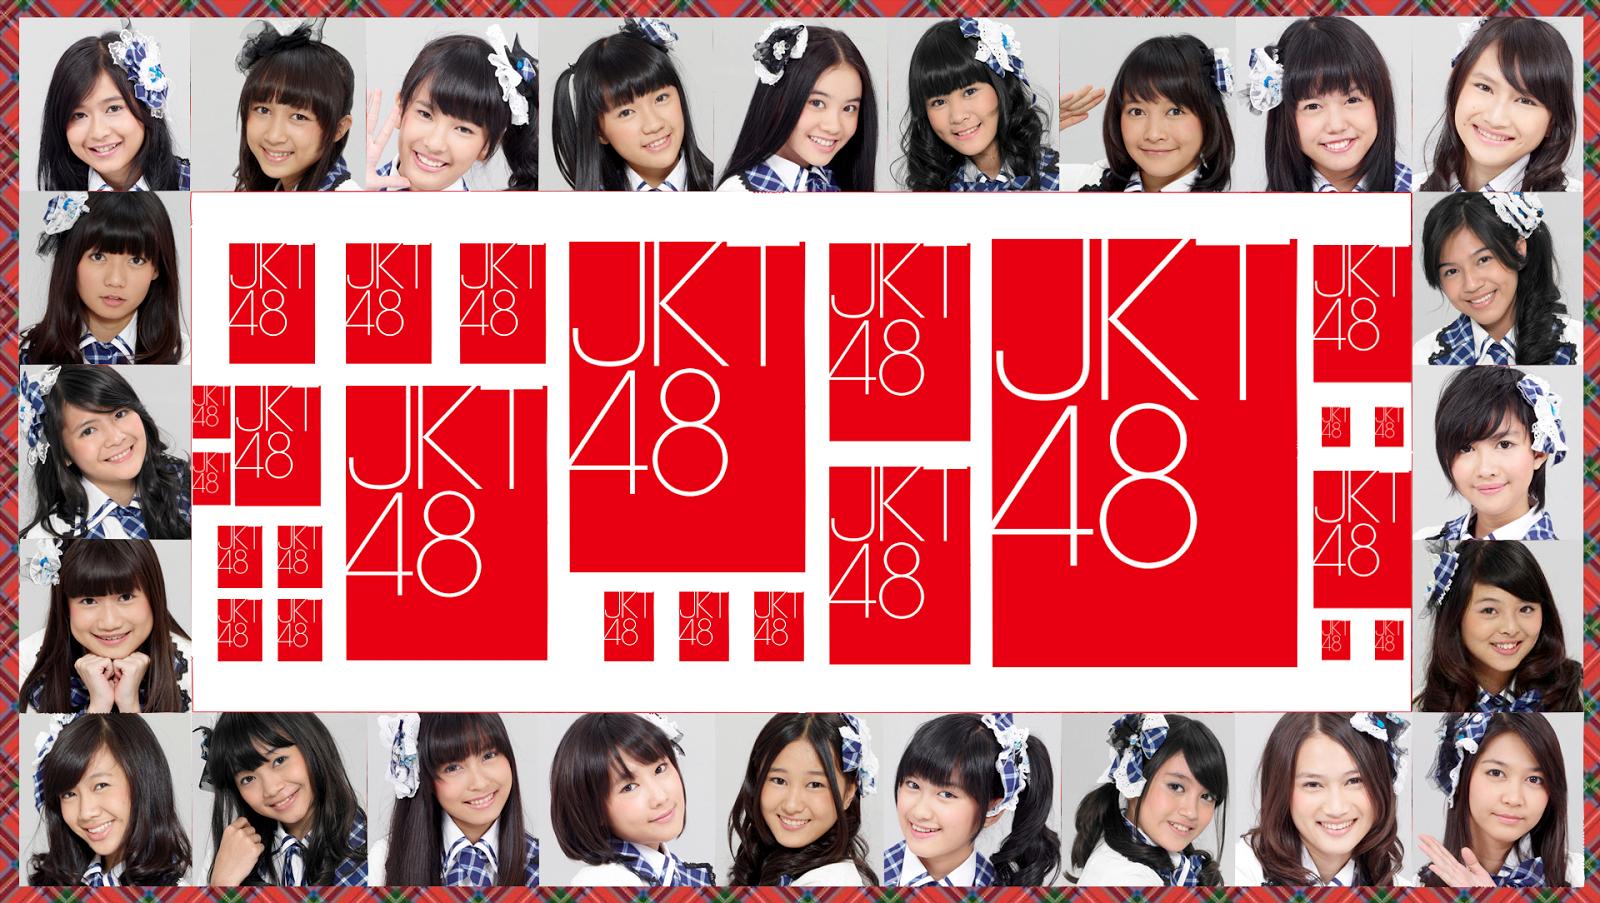 Profil dan Biografi JKT48